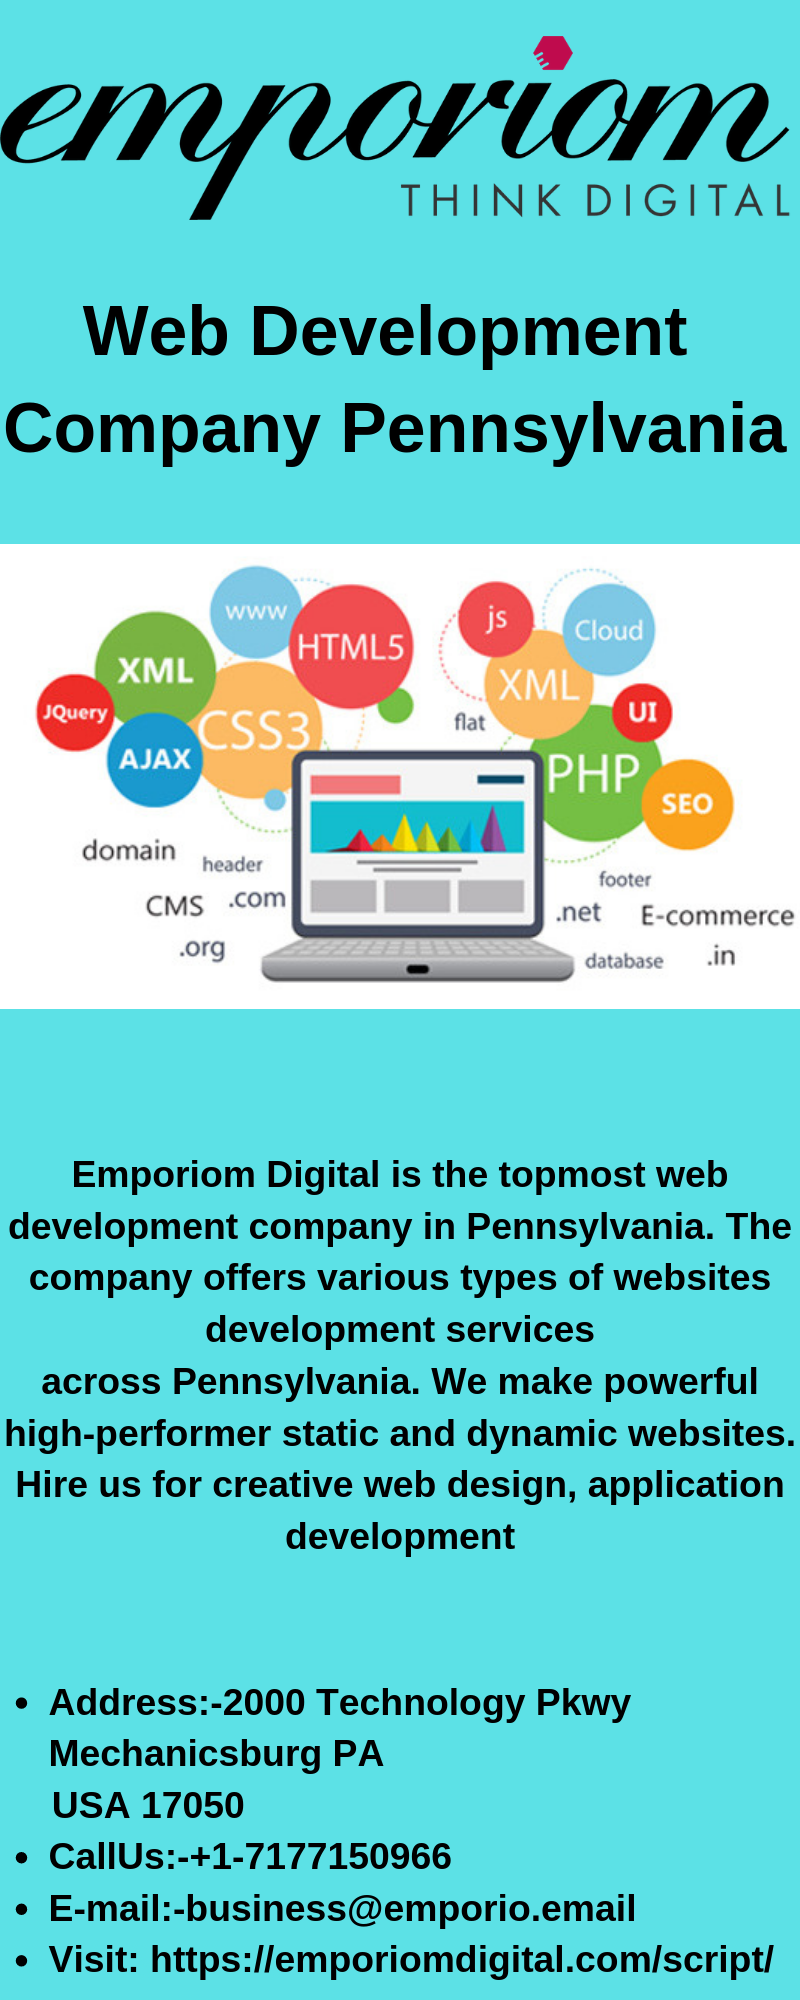 Web Development Company In Pennsylvania Web Development Company Web Development Web Design Company